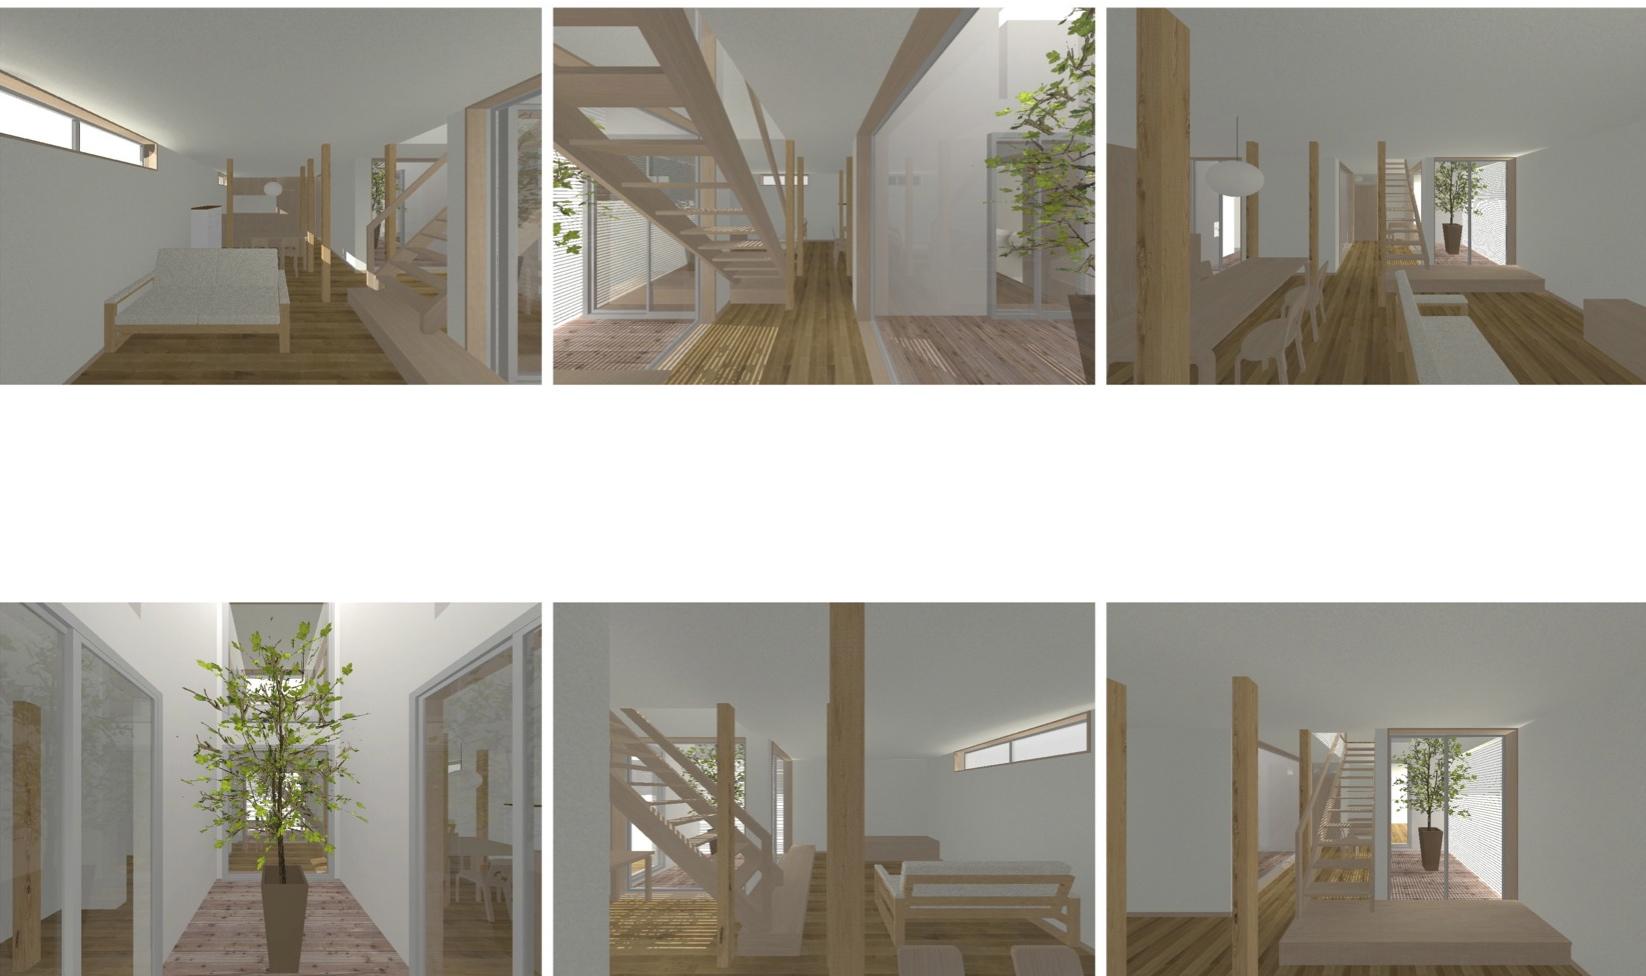 福井県福井市 新しいプロジェクトのご紹介です。[リノベーション] N-House_f0165030_8391890.jpg